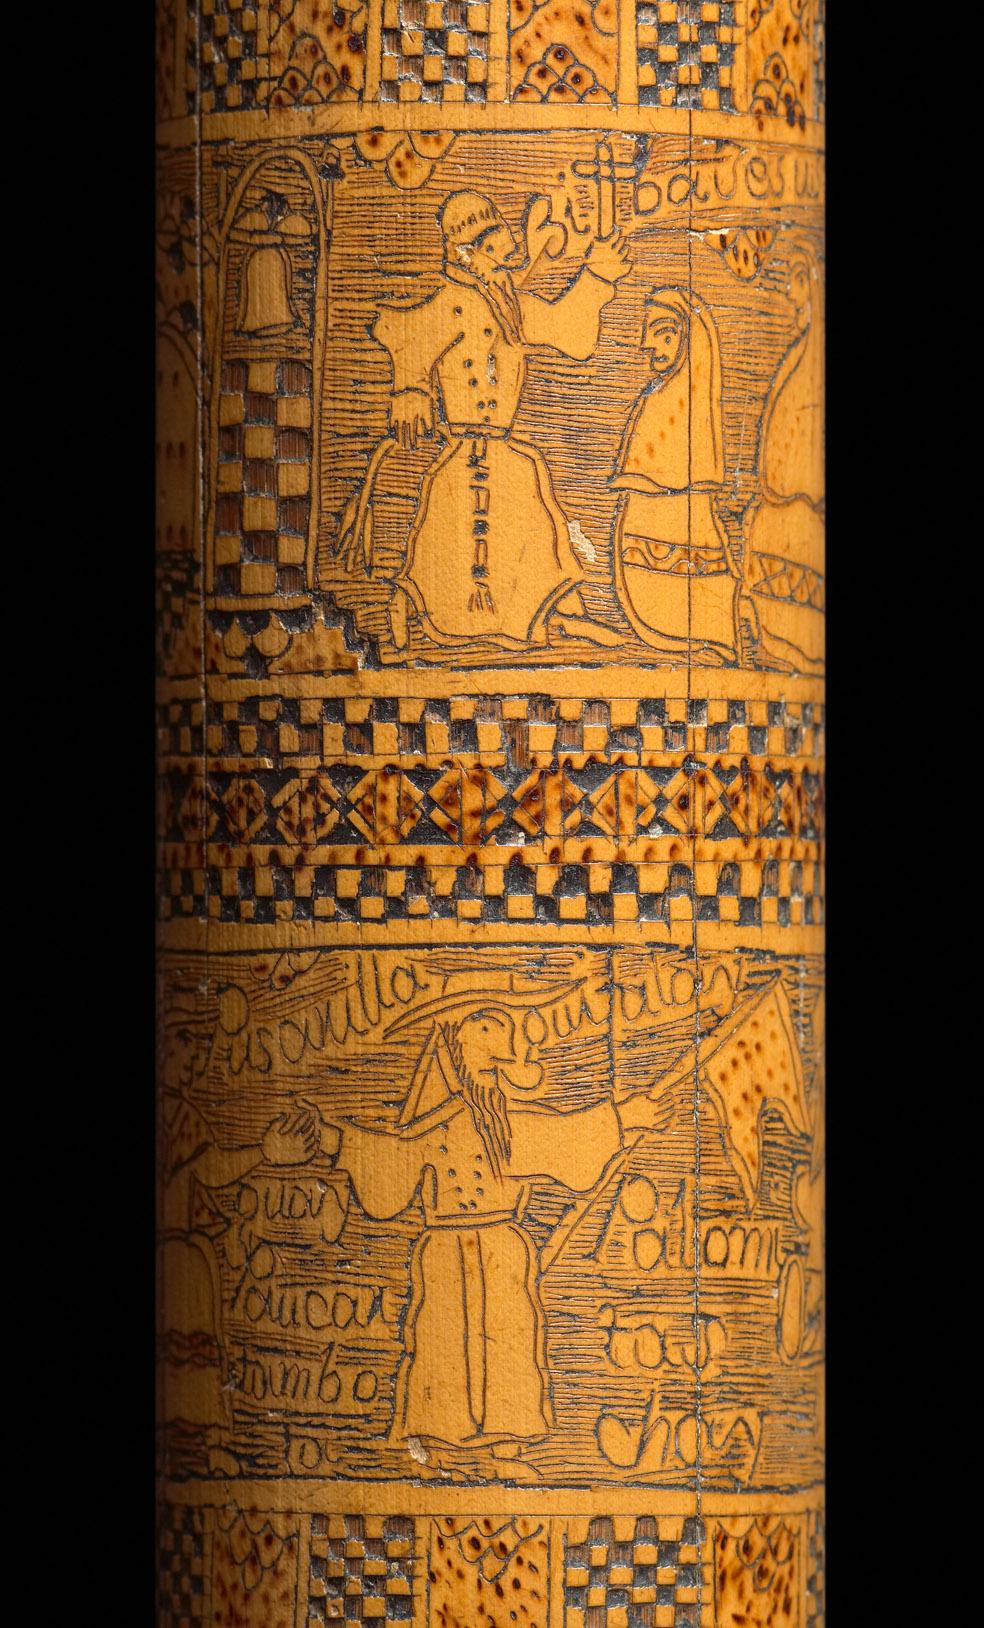 39- Caixa colonial de bambu 1